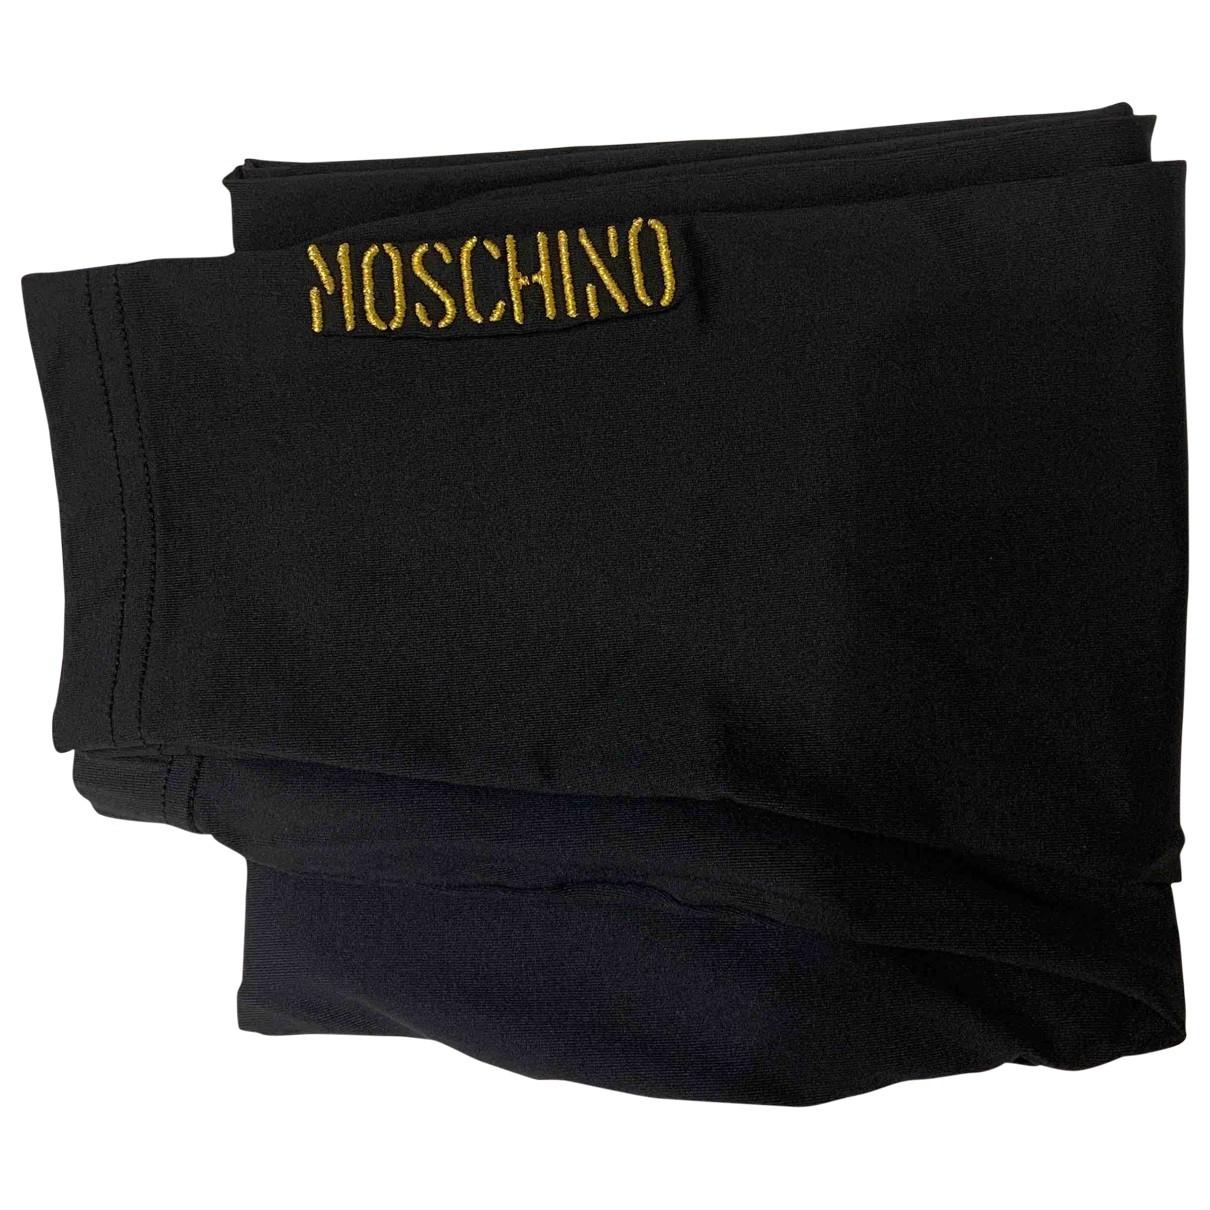 Moschino \N Hose in  Schwarz Elasthan